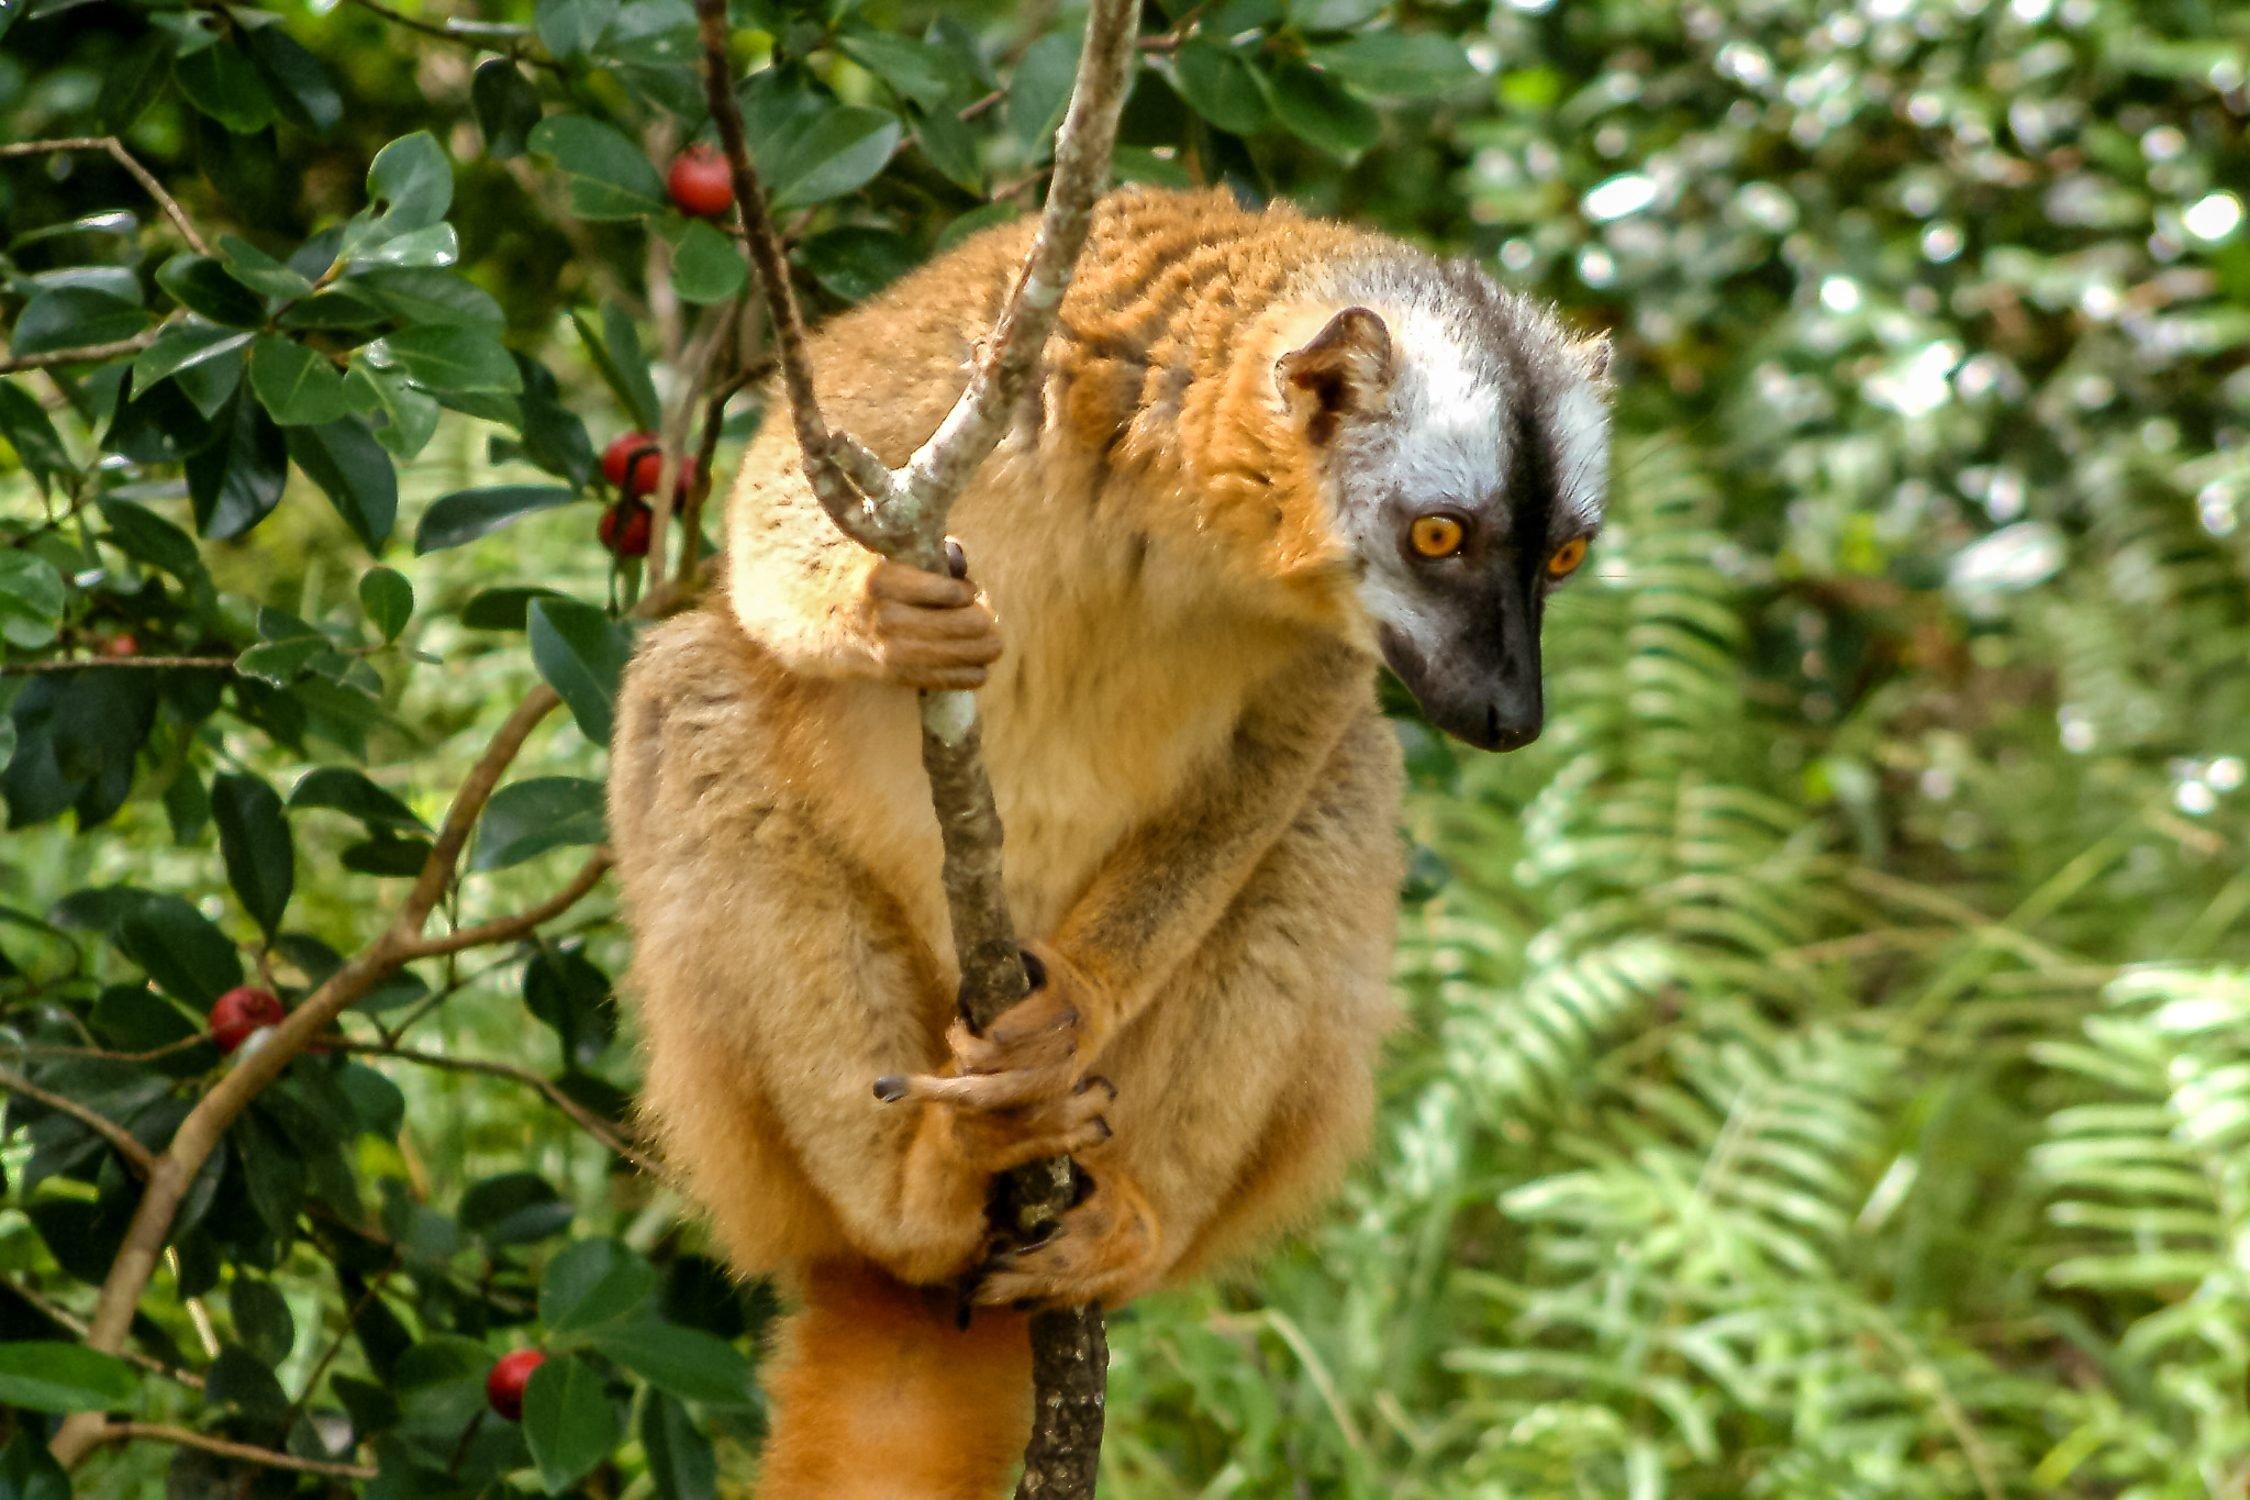 Tawny lemur